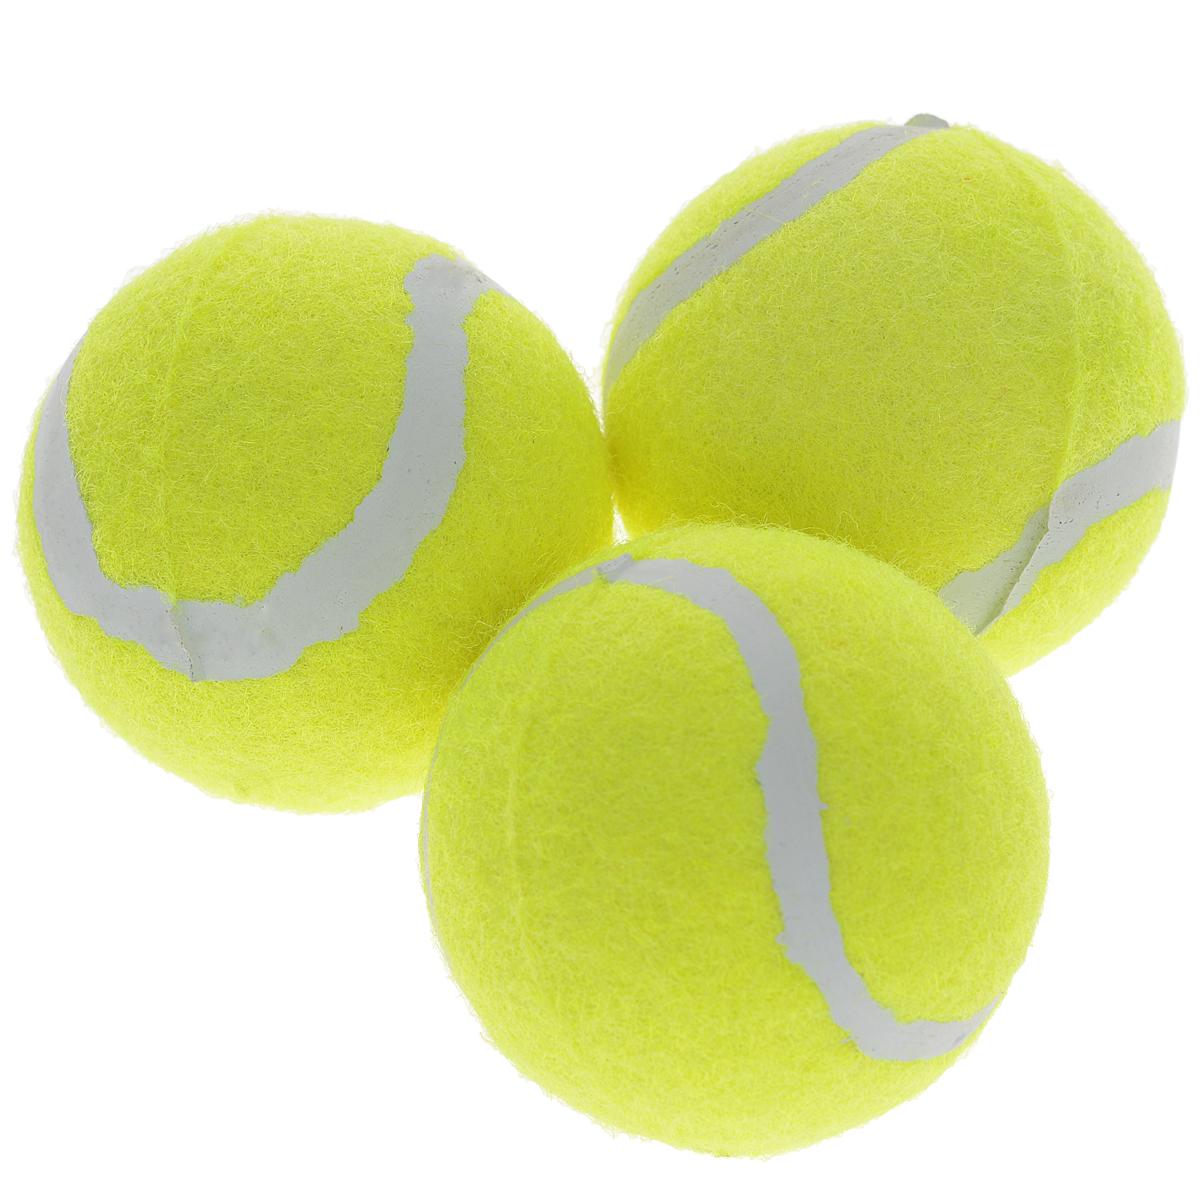 Набор теннисных мячей Start Up, в тубе, 3 шт